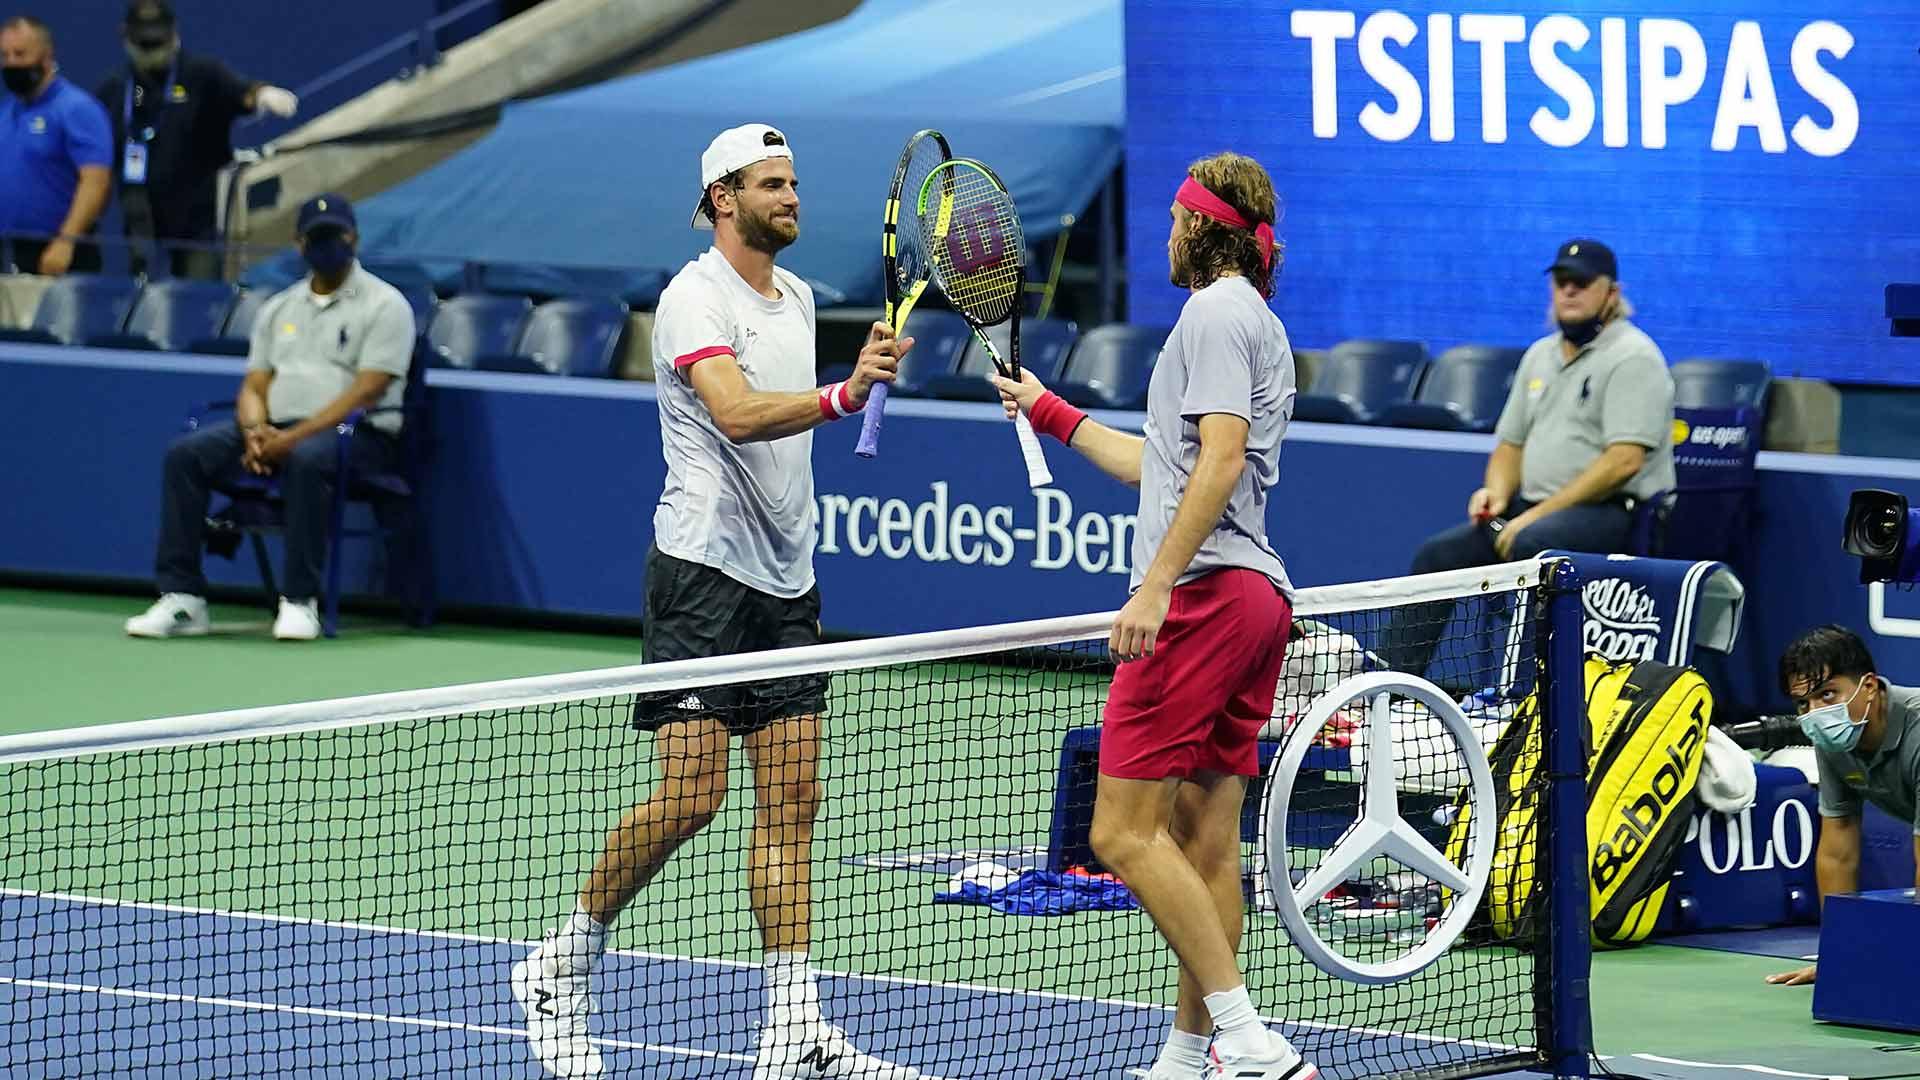 De Espectador A Jugador Tsitsipas Cumplio Un Sueno En El Arthure Ashe Atp Tour Tenis